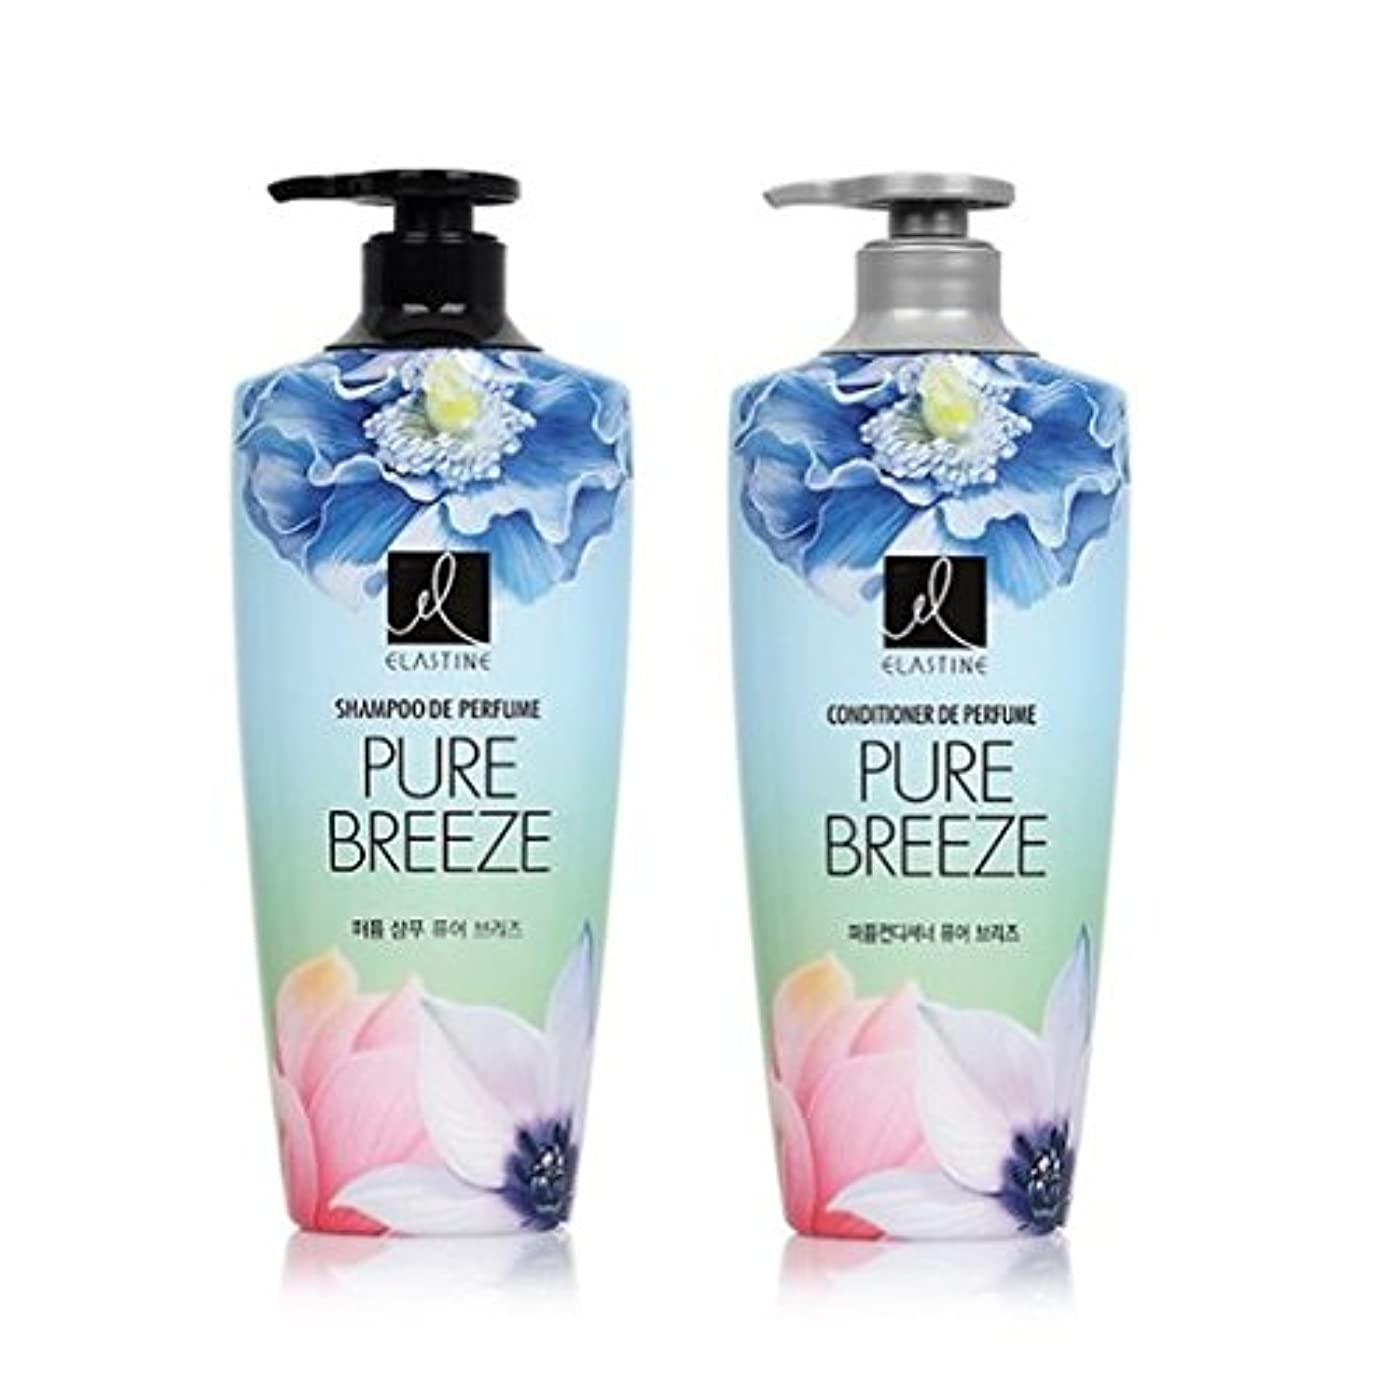 延ばす渇きアンカー[エラスティン] Elastine Perfume PURE BREEZE シャンプー600ml x 2本, コンディショナー600ml x 1本 / パフュームピュアブリーズ [並行輸入品]